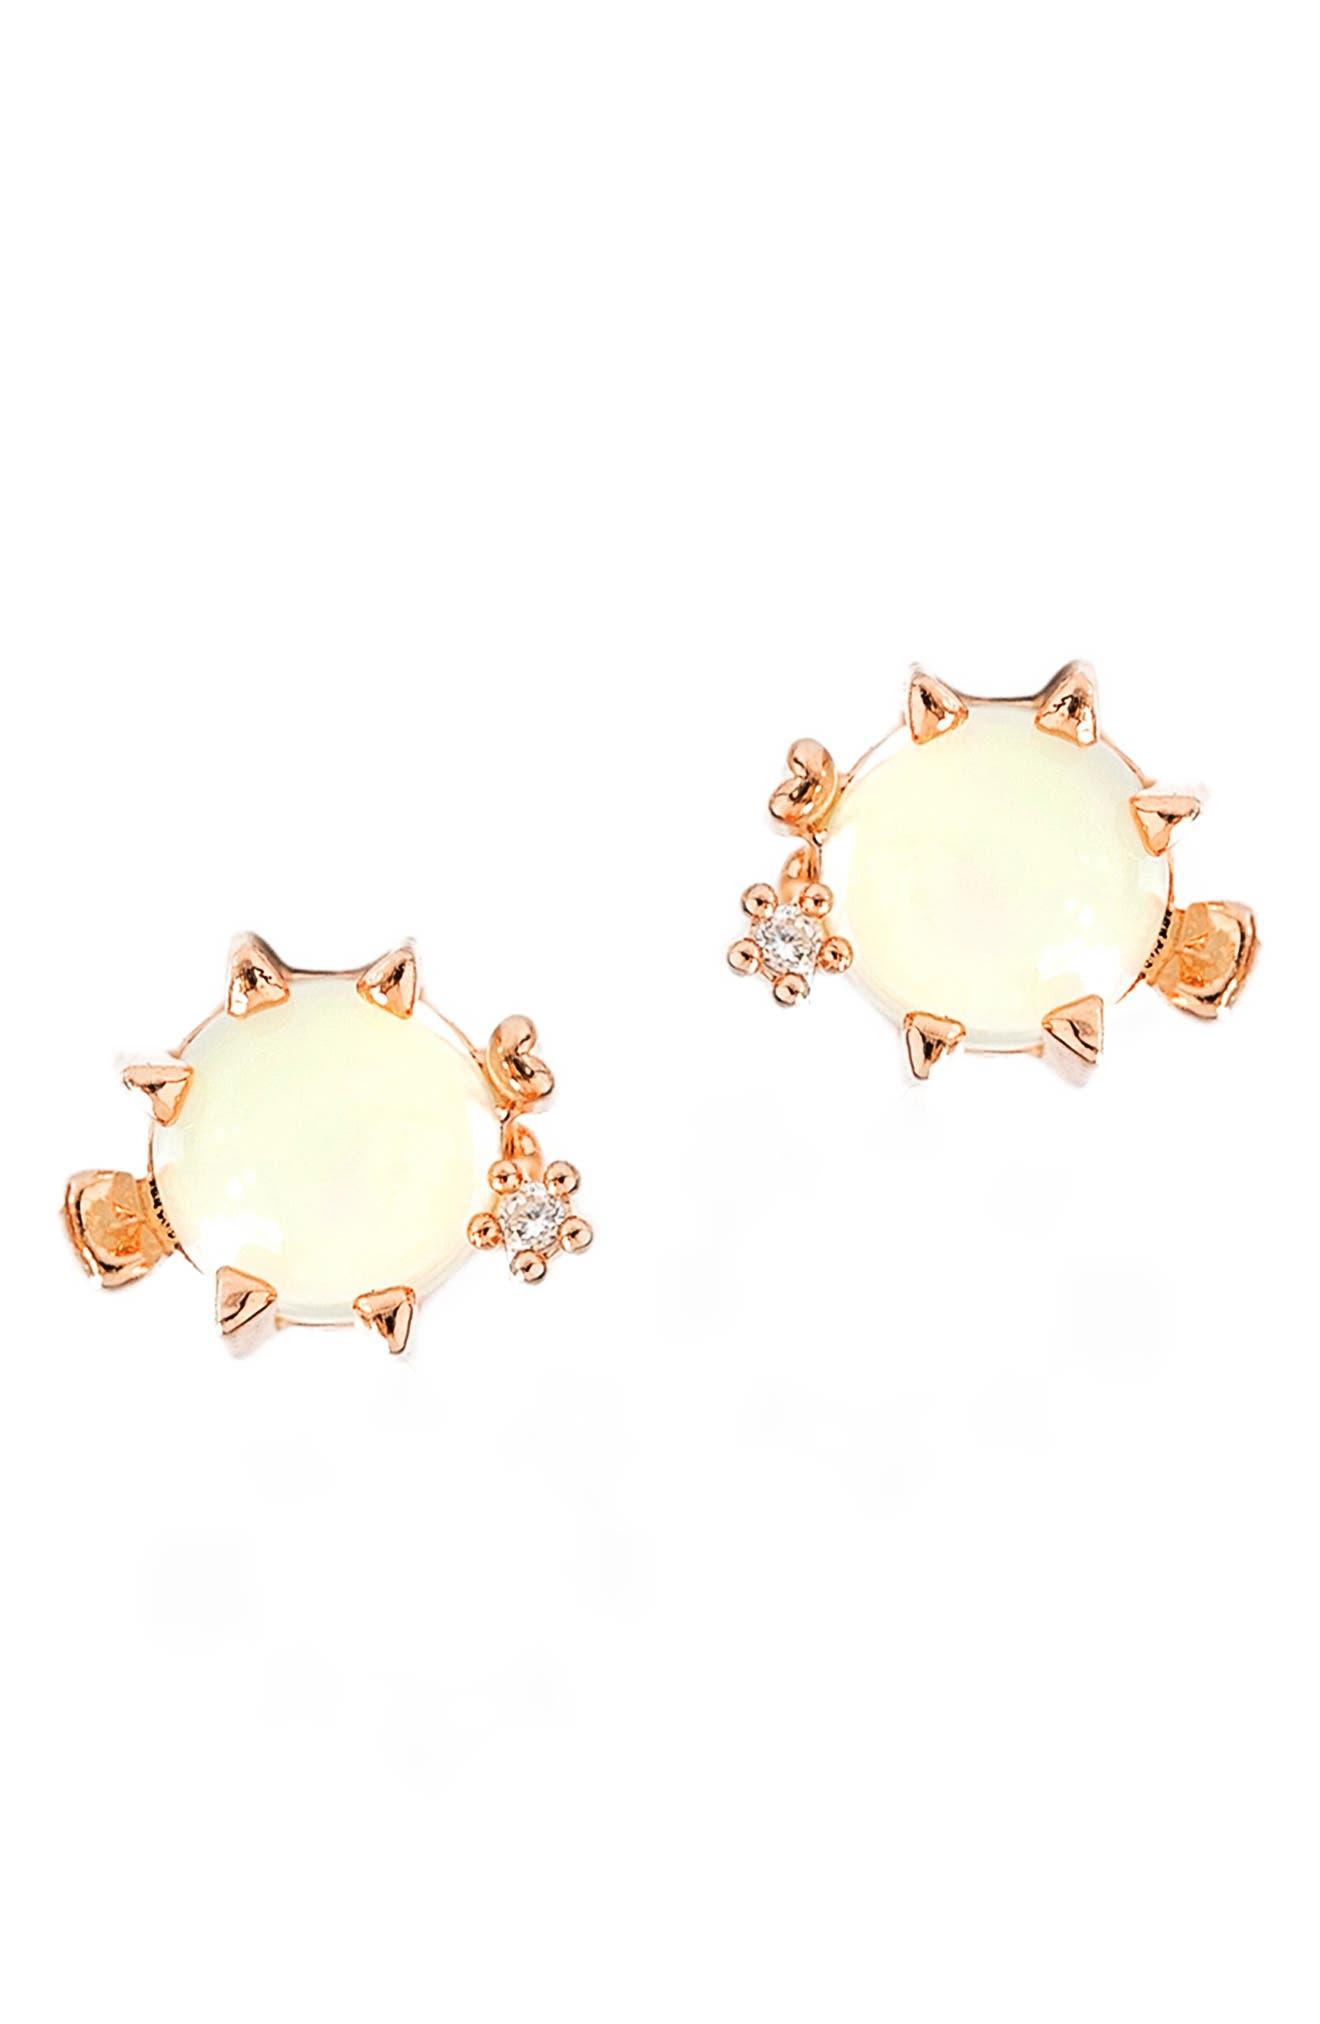 Peppy Pufferfish Stud Earrings